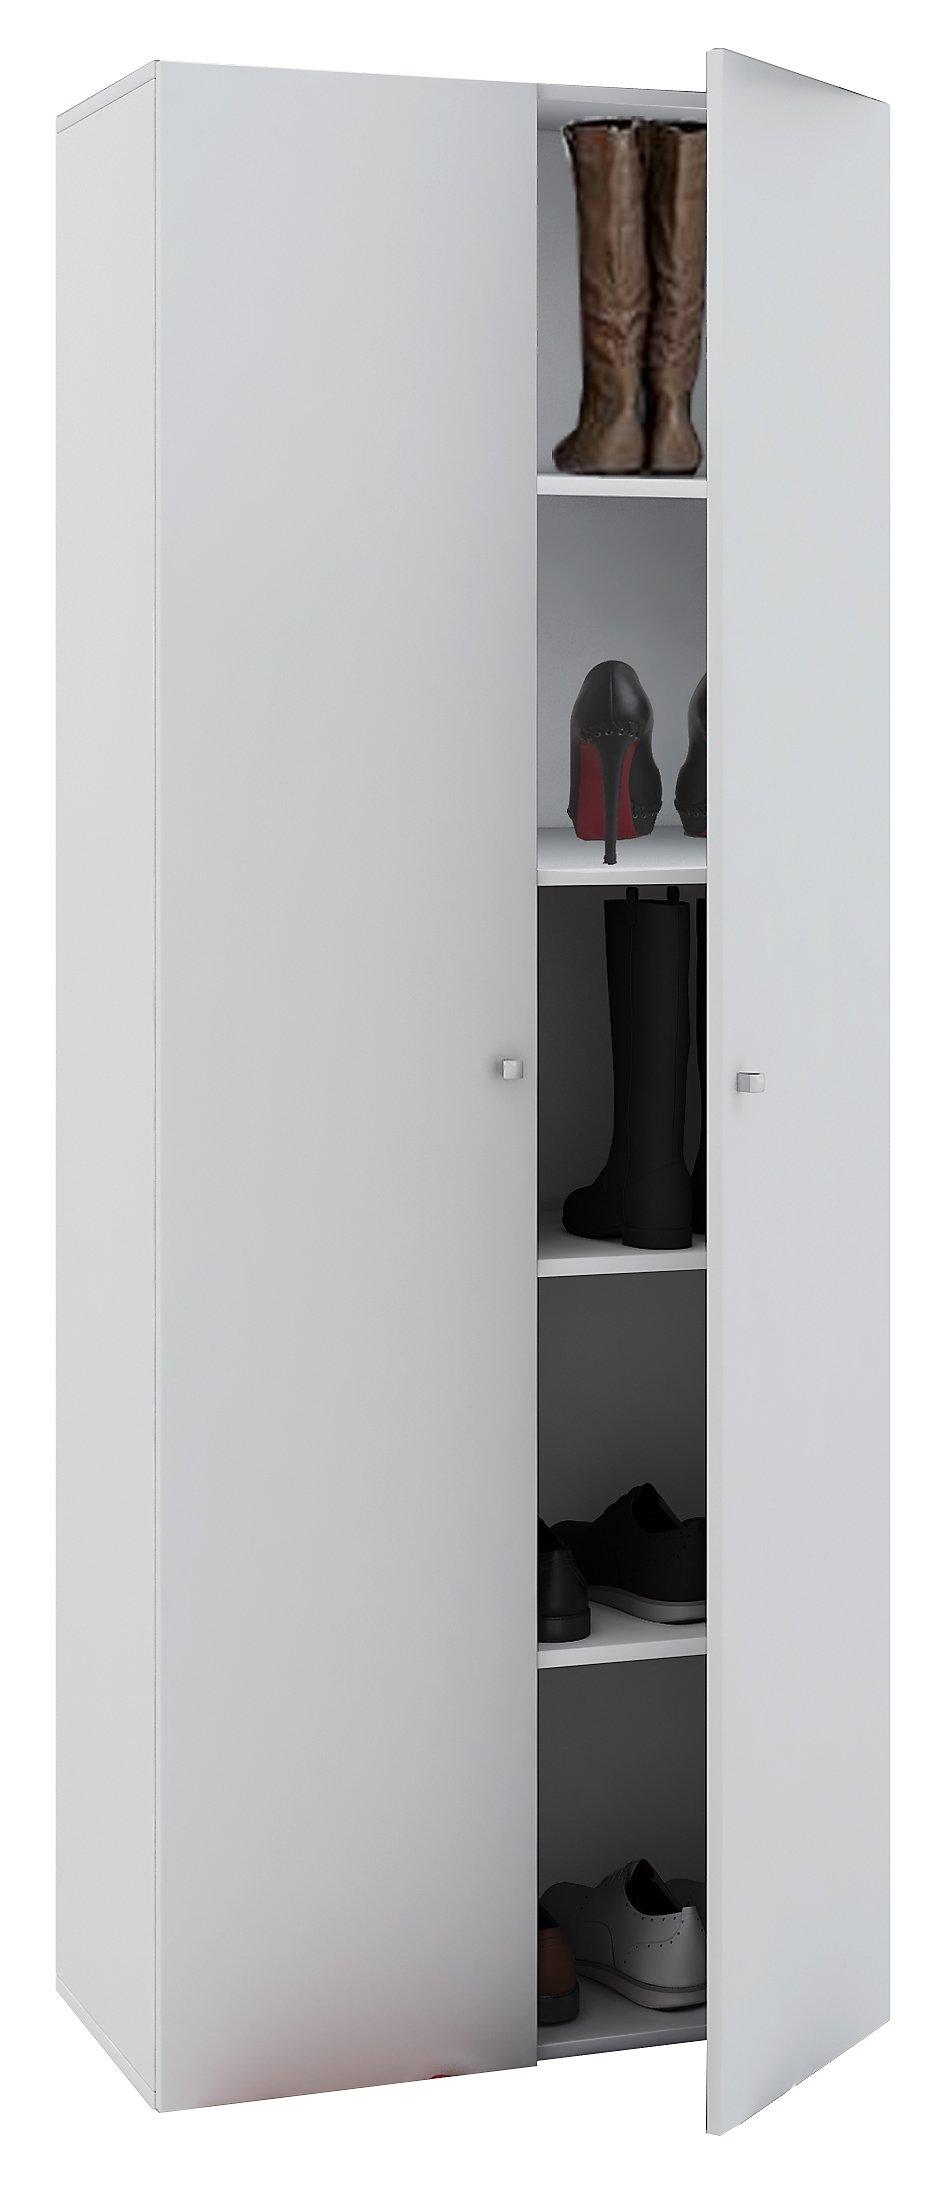 Künstlerisch Schuhschrank Mit Türen Galerie Von Vcm Schuhregal Schuhkommode